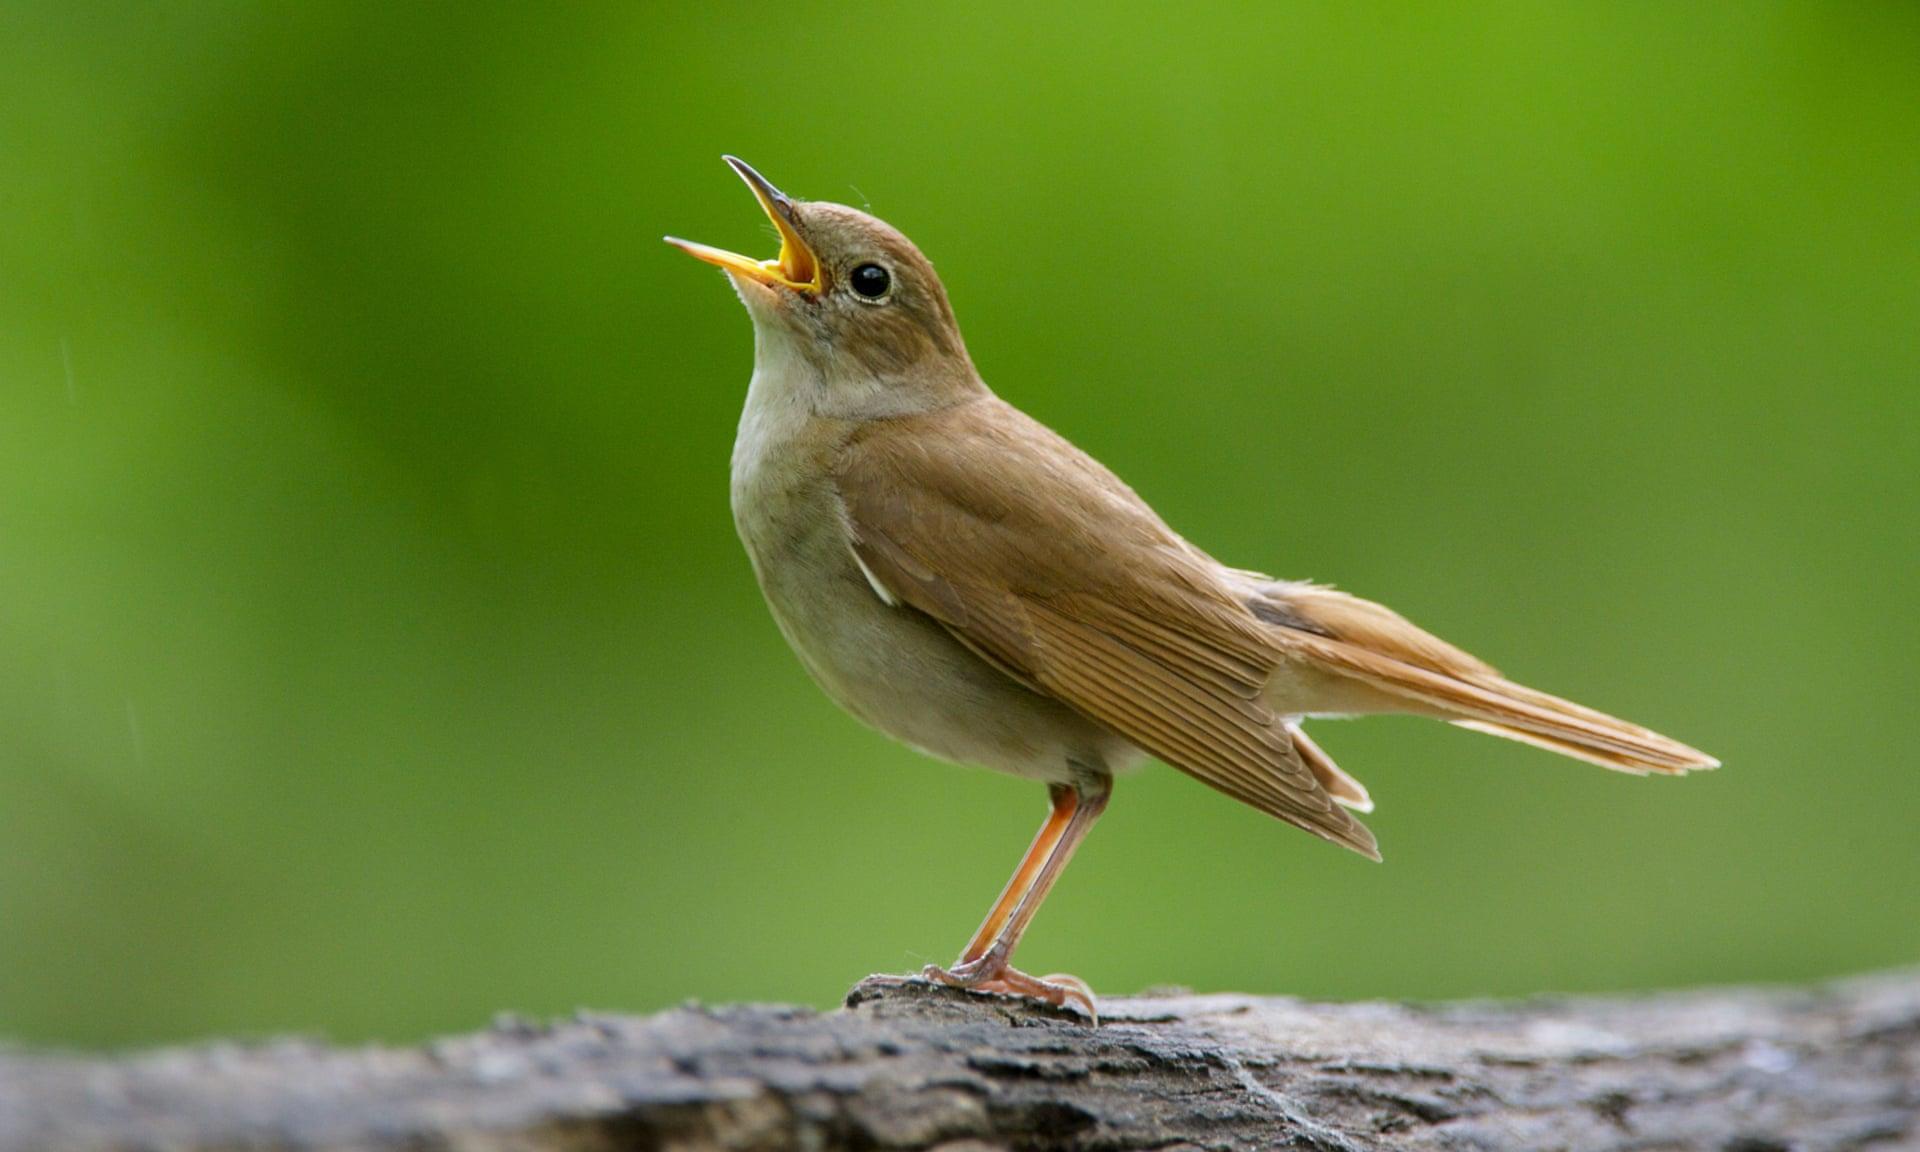 اسماء طيور صوتها جميل